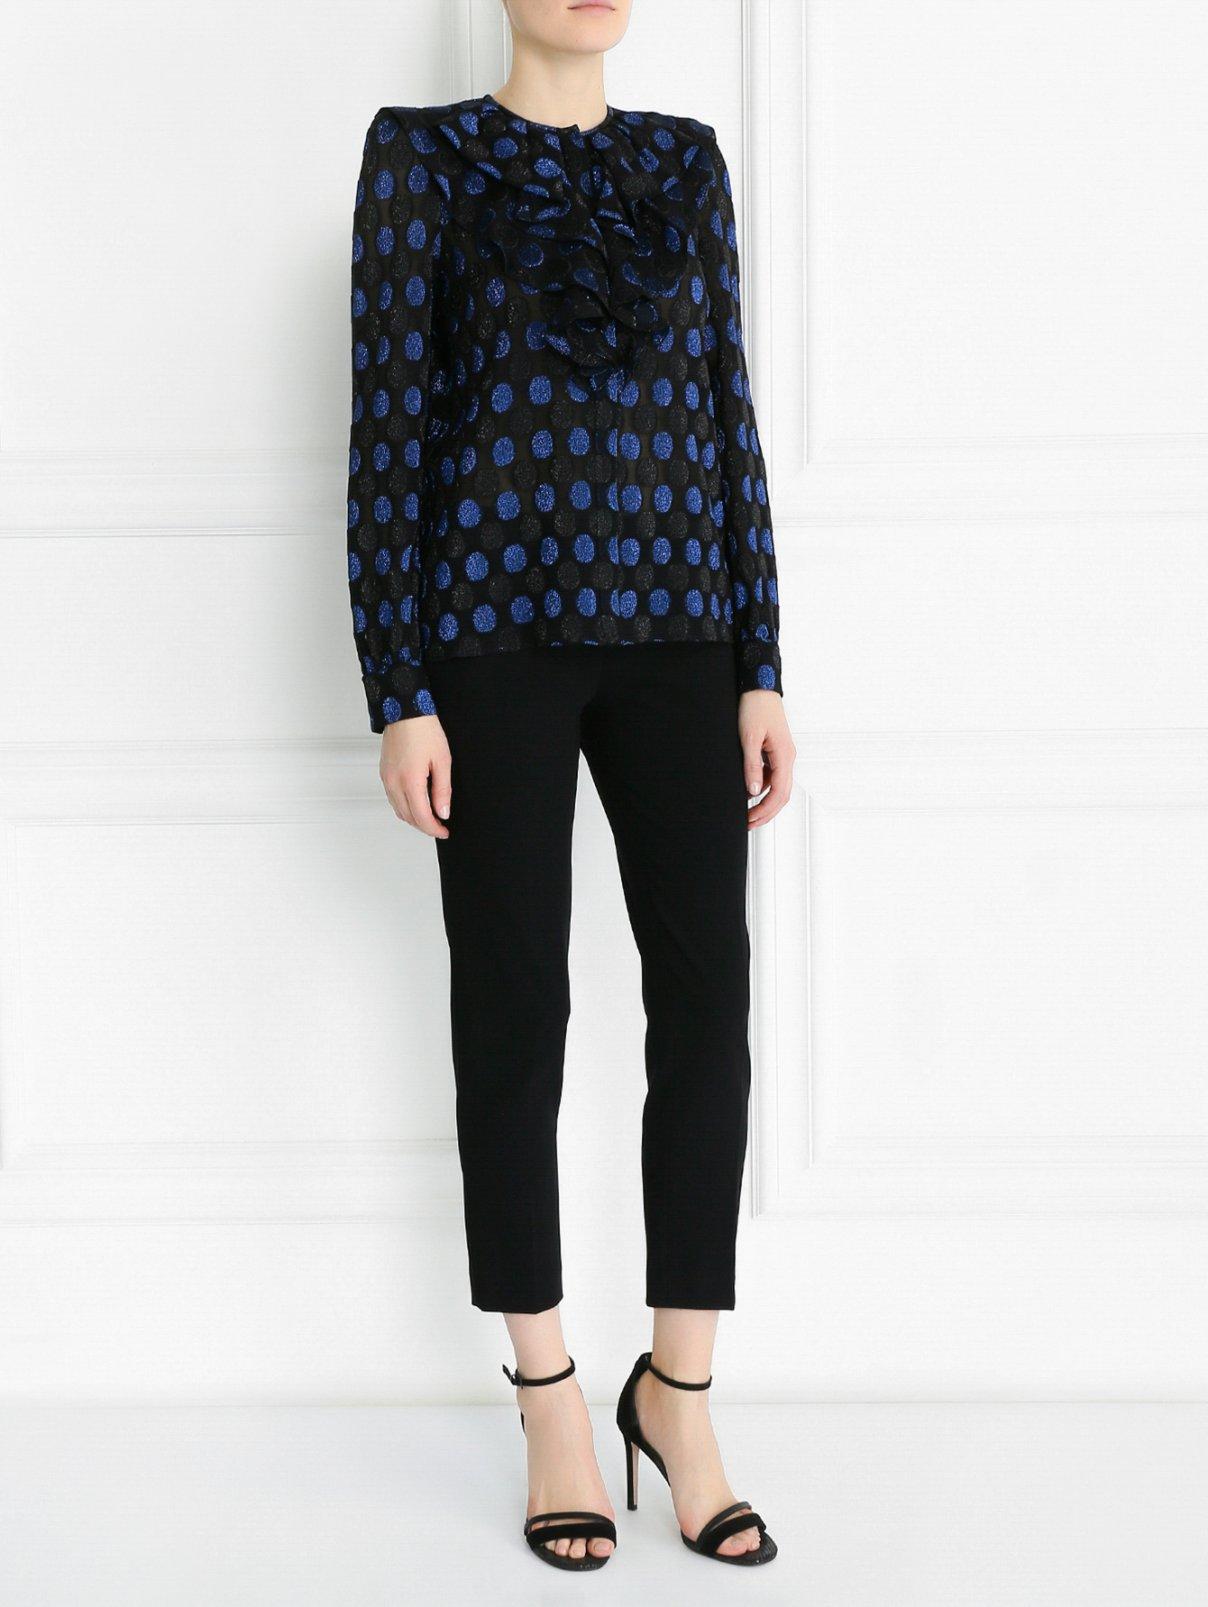 Блуза из смешанного шелка с жабо и узором Sonia Rykiel  –  Модель Общий вид  – Цвет:  Узор